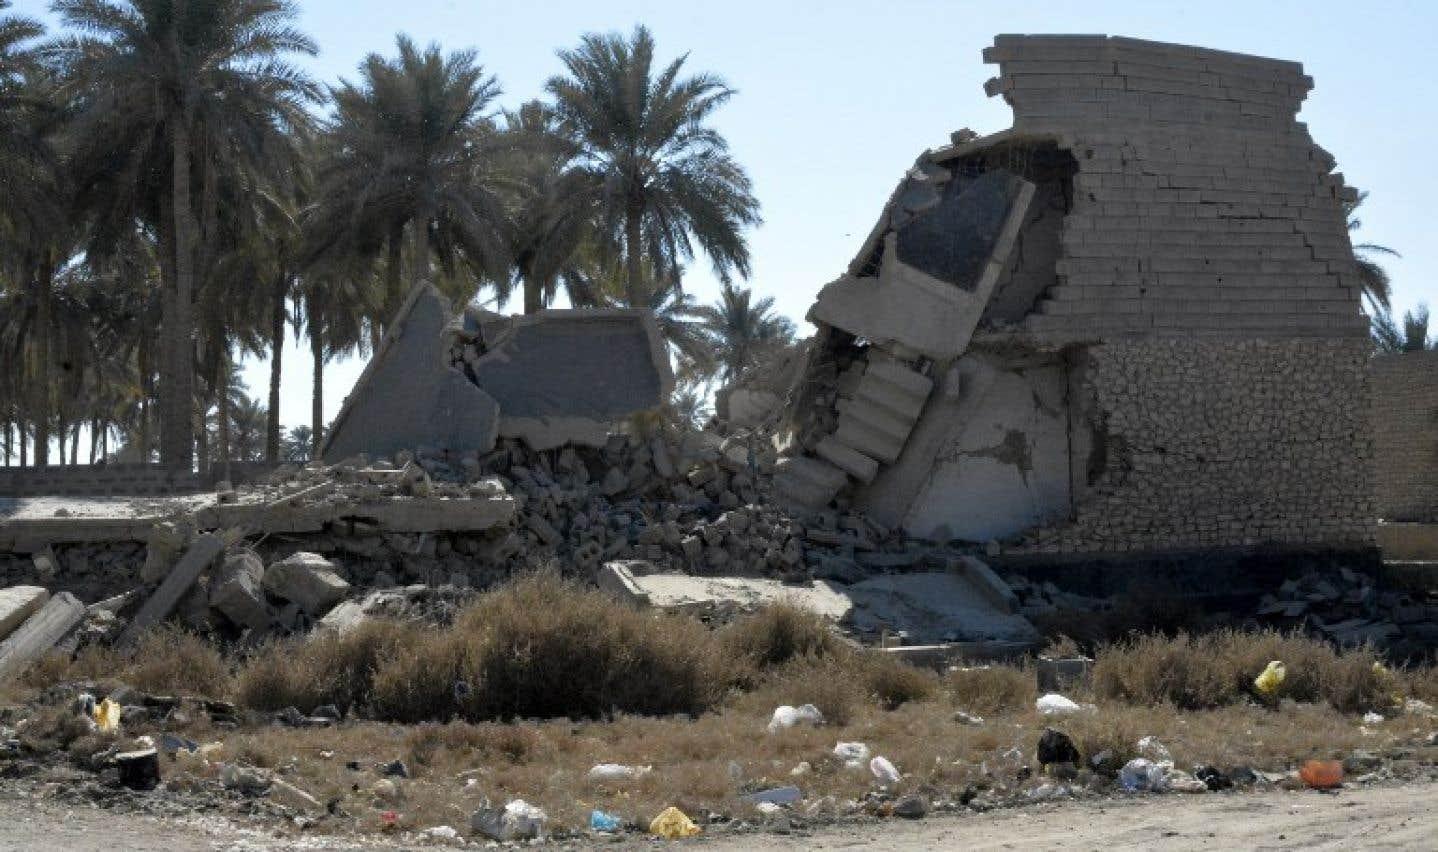 L'Irak est ravagé depuis les années 1980 par les guerres à répétition.